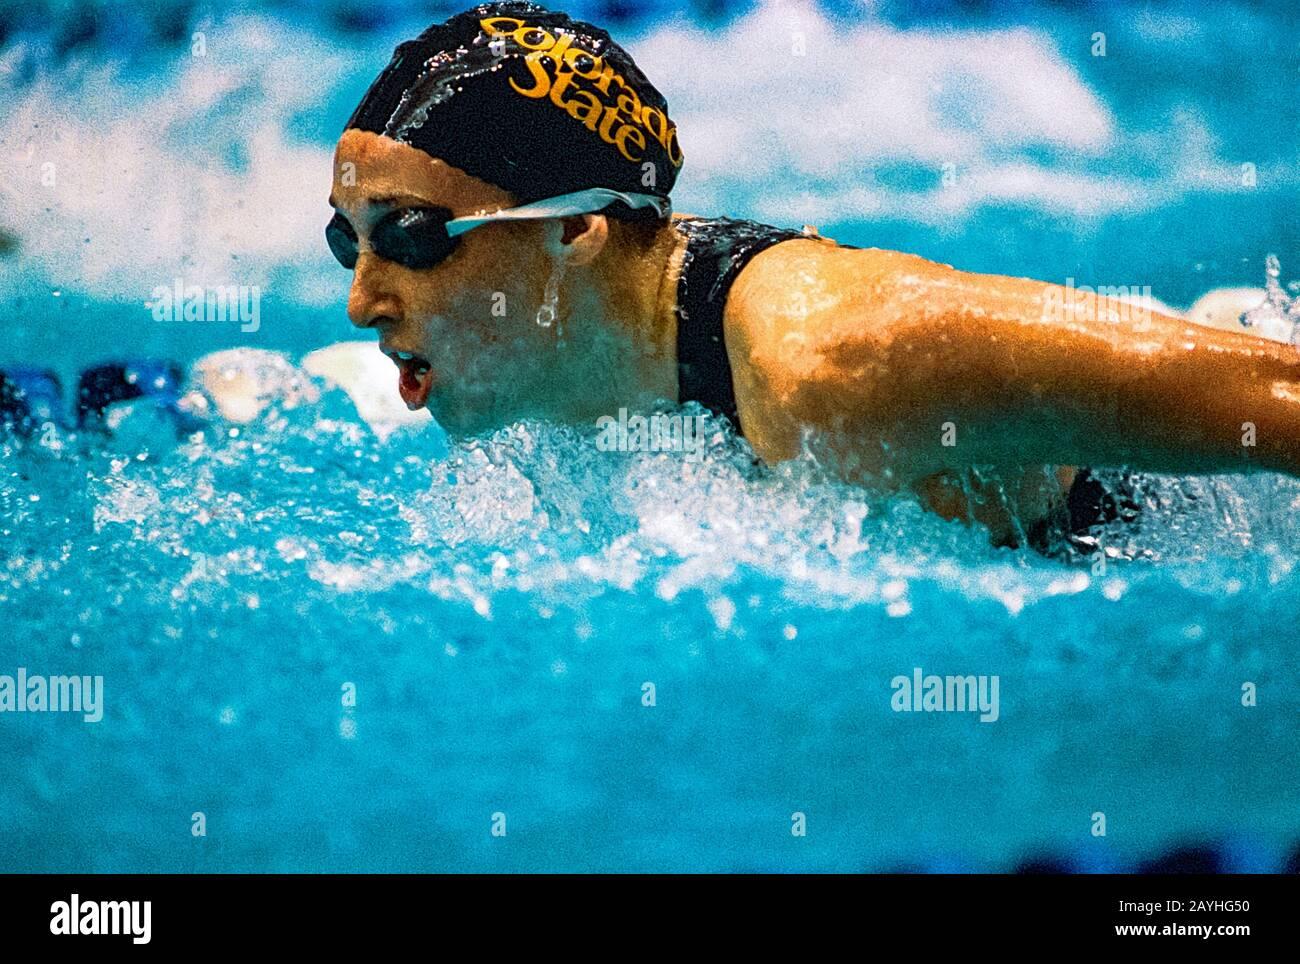 Amy Van Dyken (EE.UU.) compitiendo en los ensayos del Equipo Olímpico de Natación de 1996 Foto de stock